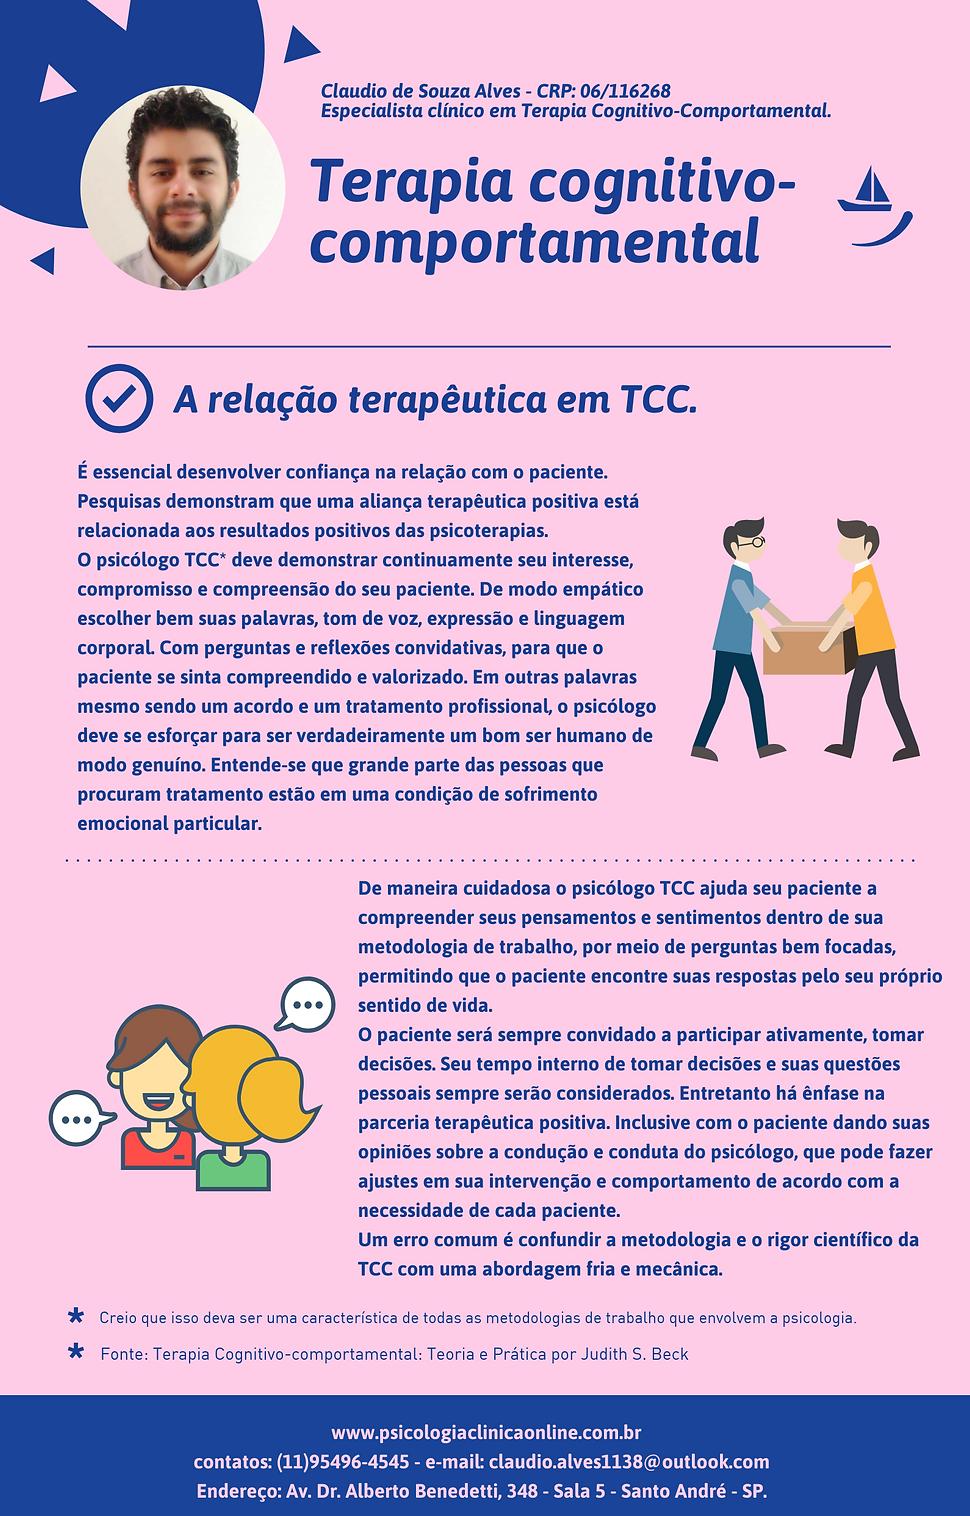 Terapia cognitivo comportamental 03.png